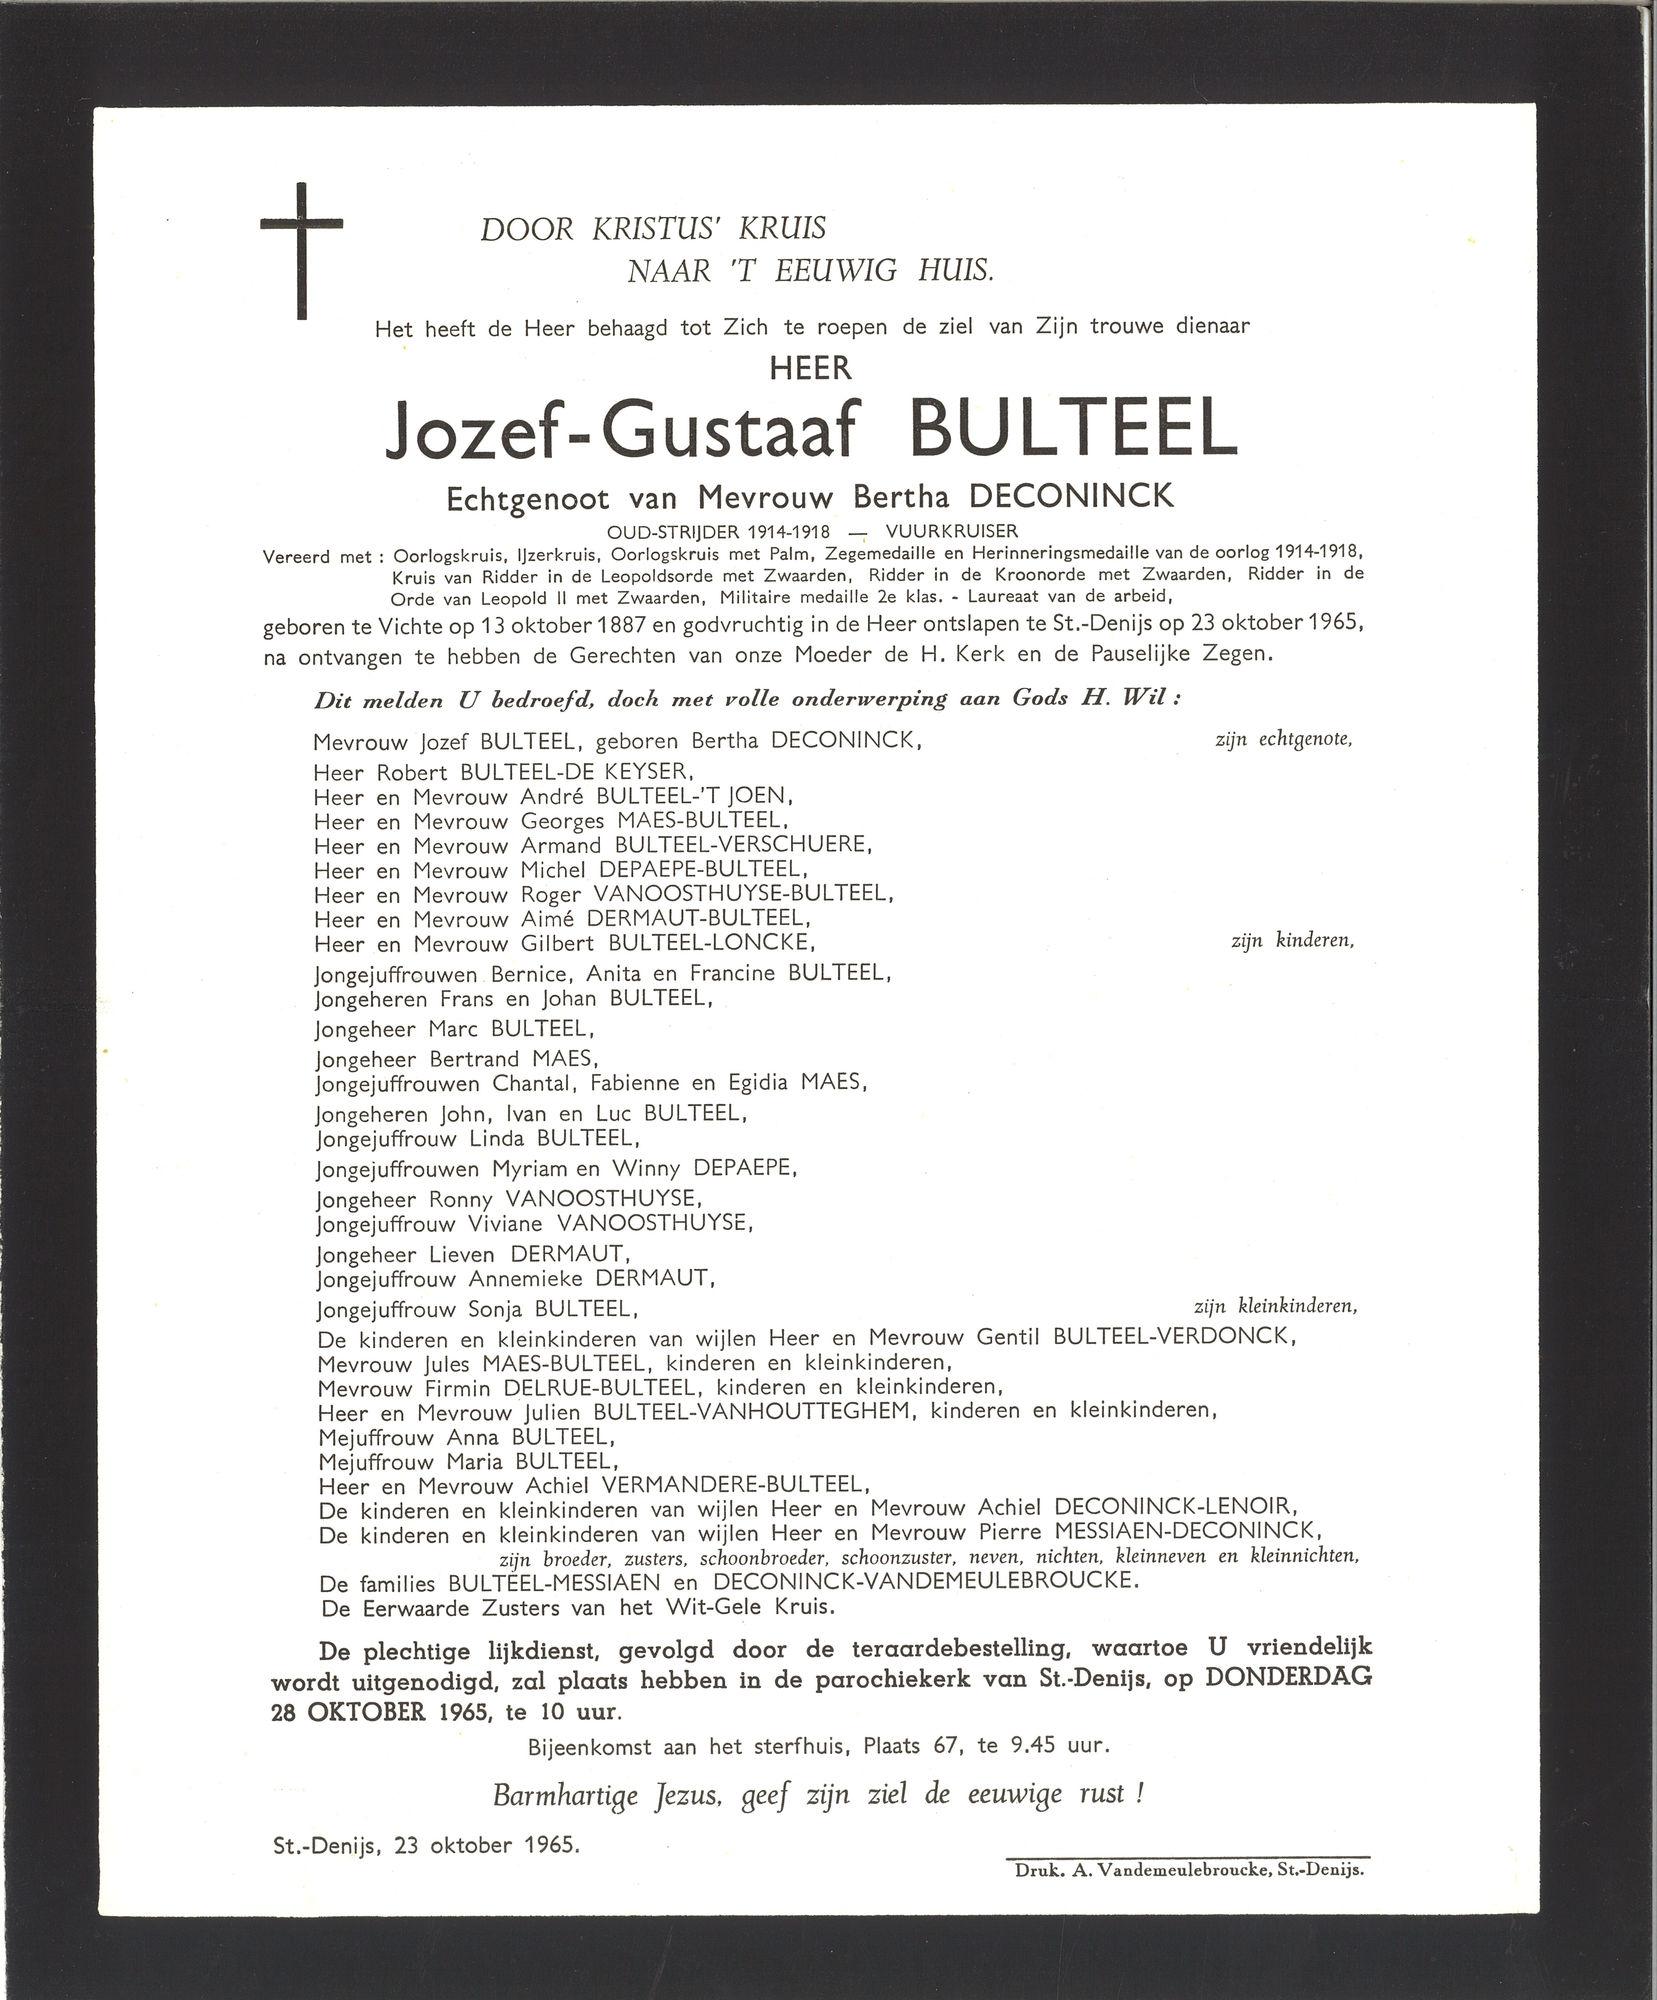 Bulteel Jozef-Gustaaf